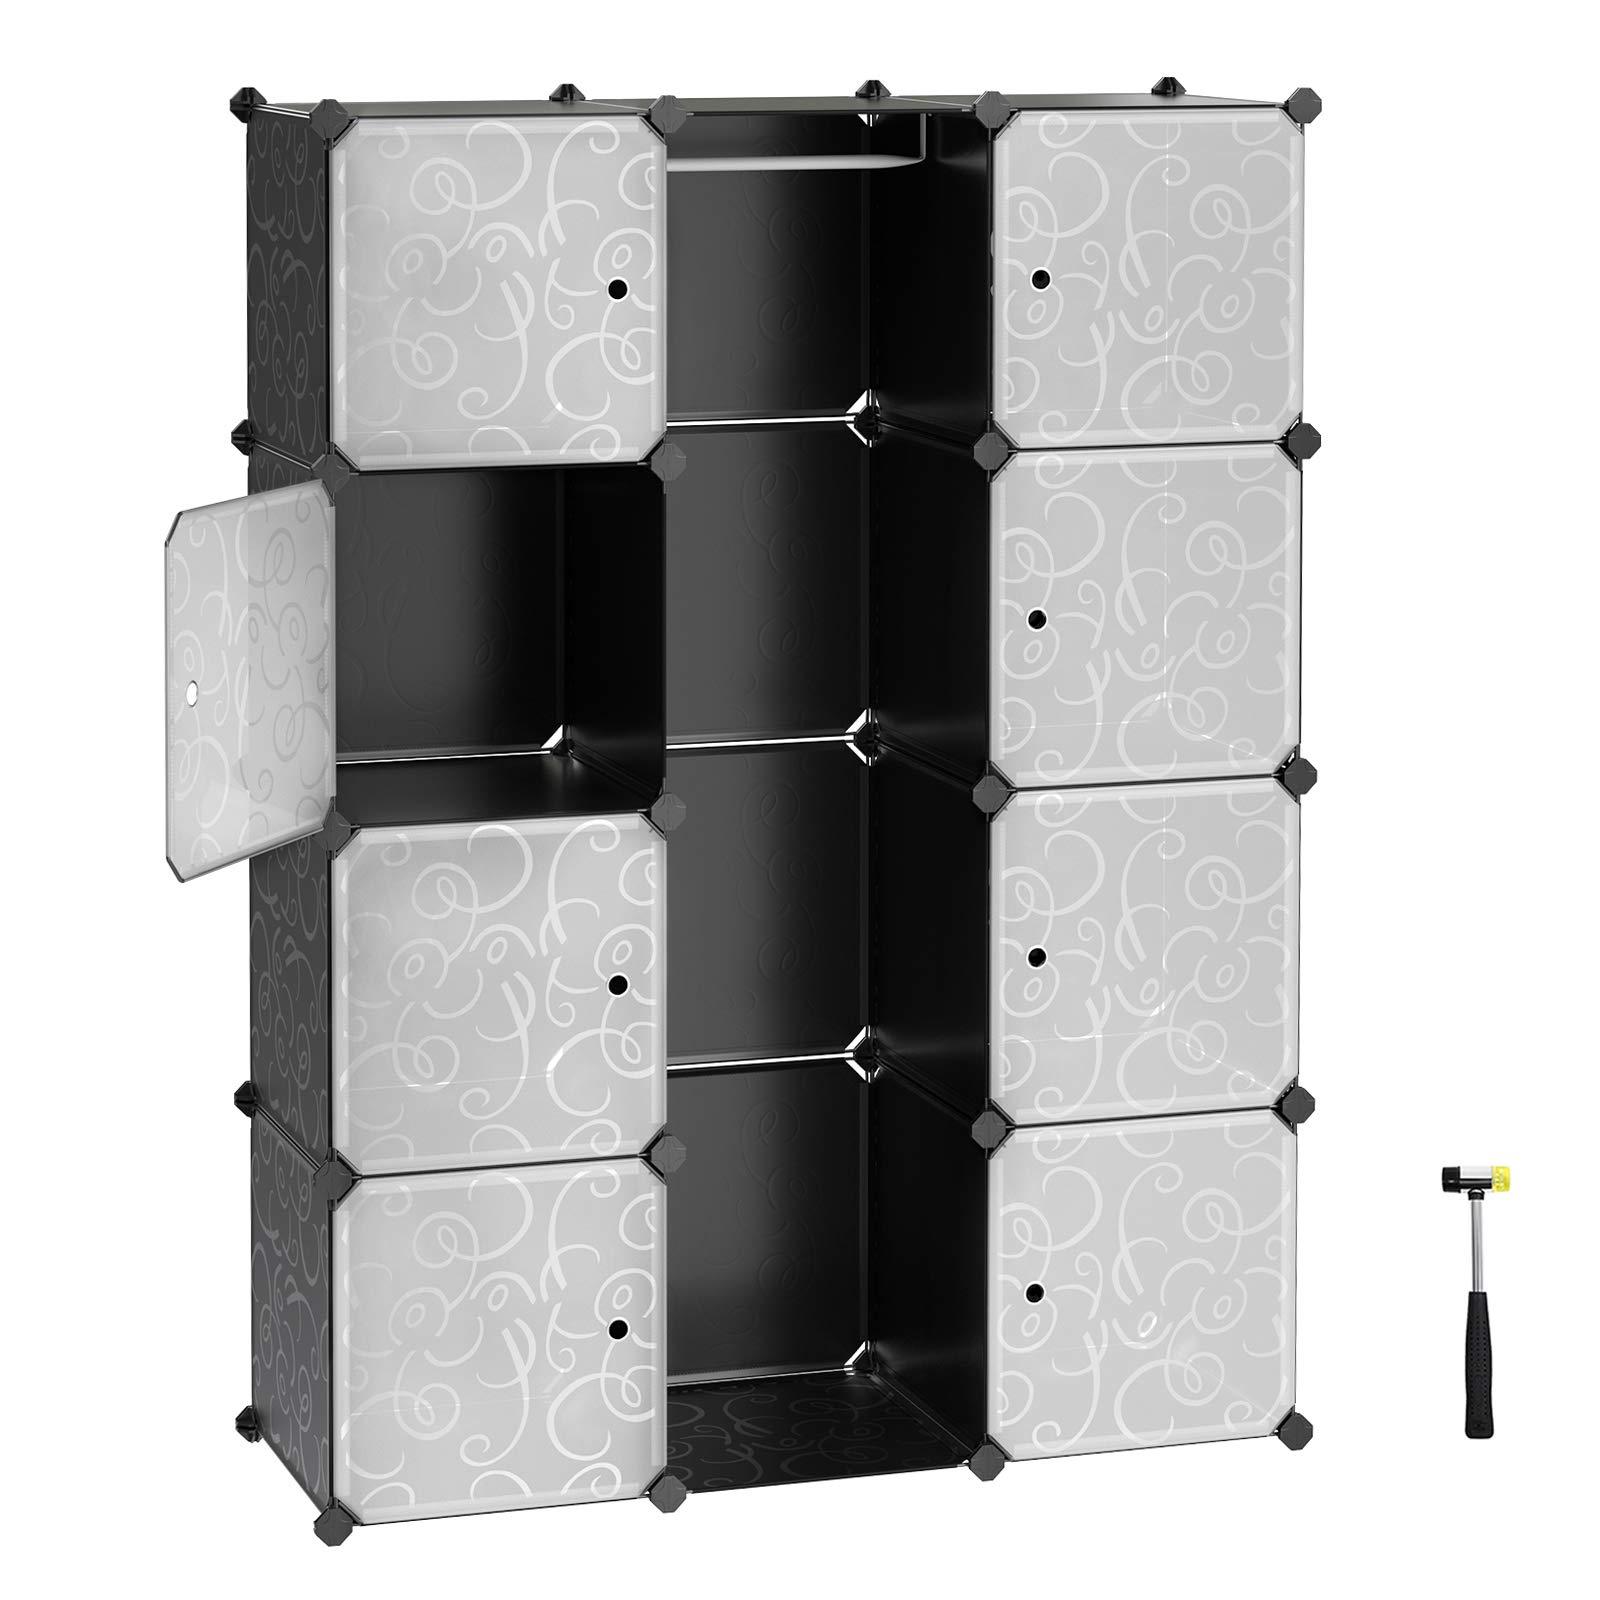 SONGMICS Armario ropero Estantería Modular Plástico PP con Barra para Colgar Ropa 108 x 36 x